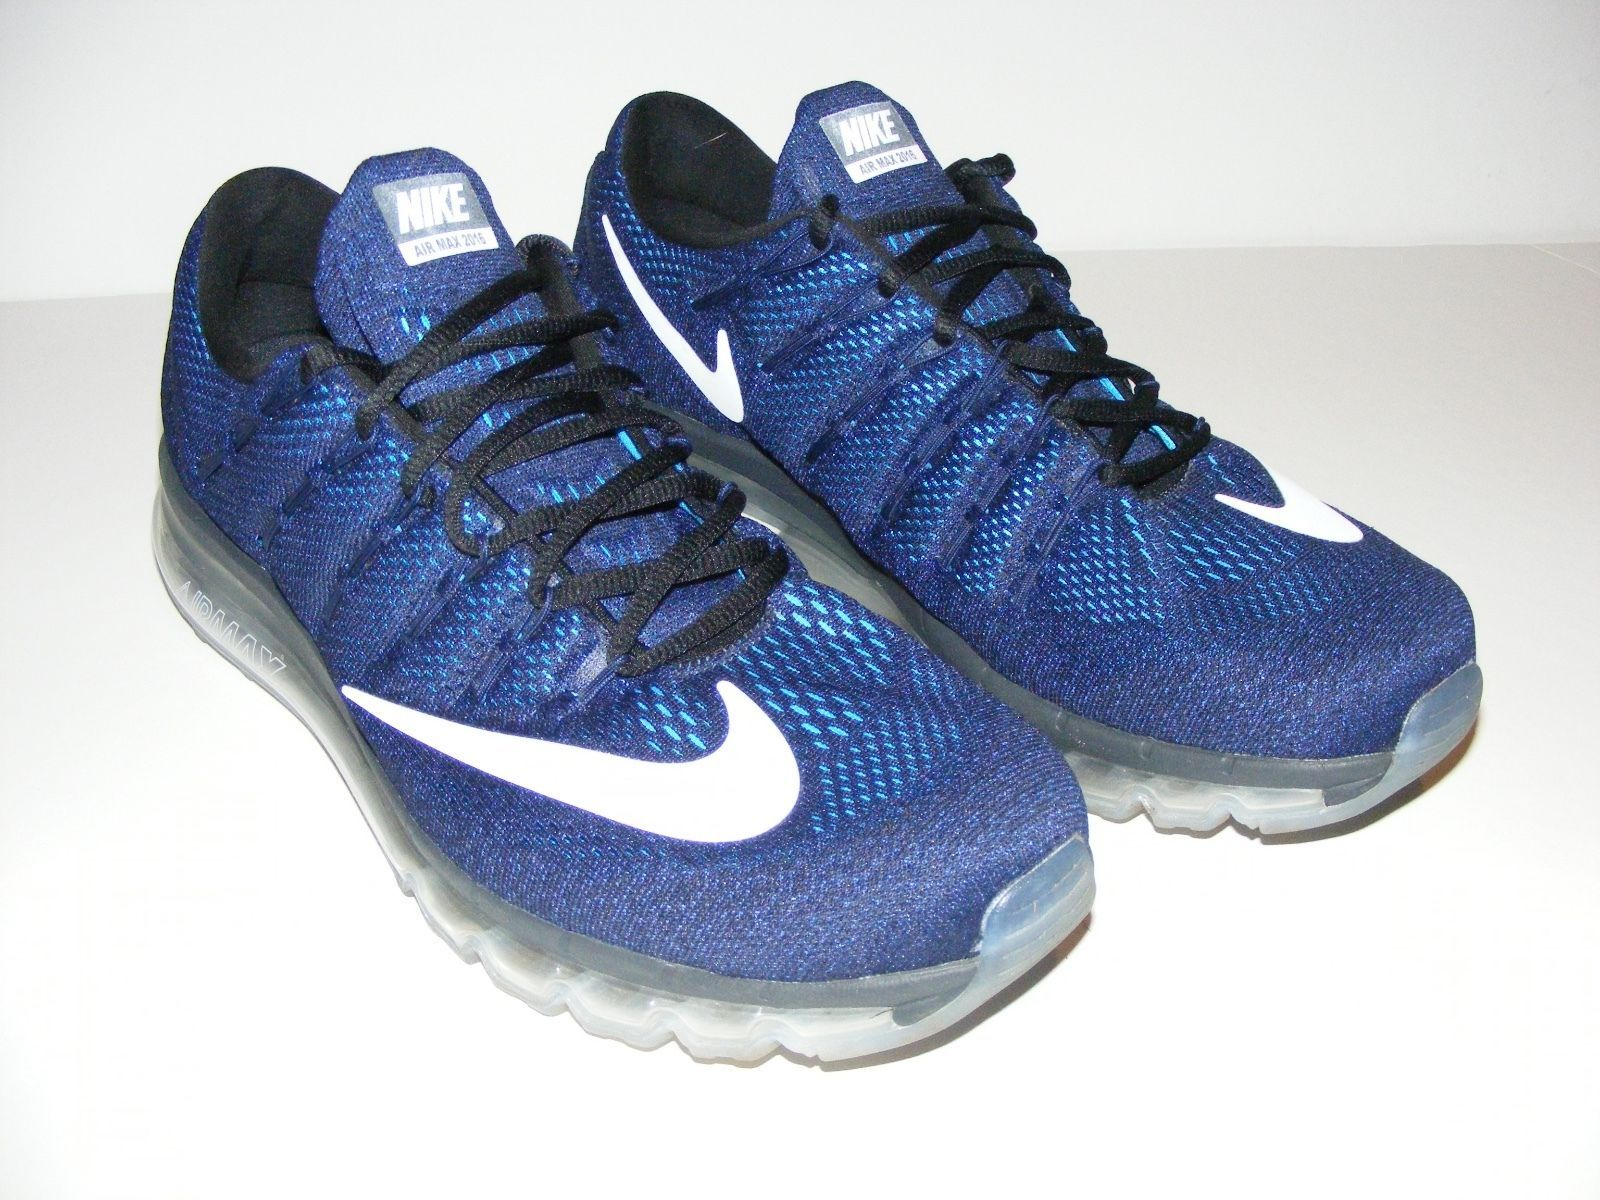 a63269e16a5  Men  Shoes Men s Nike Air Max 2016 Dark Obsidian Blue ((806771-409)  Running Shoes